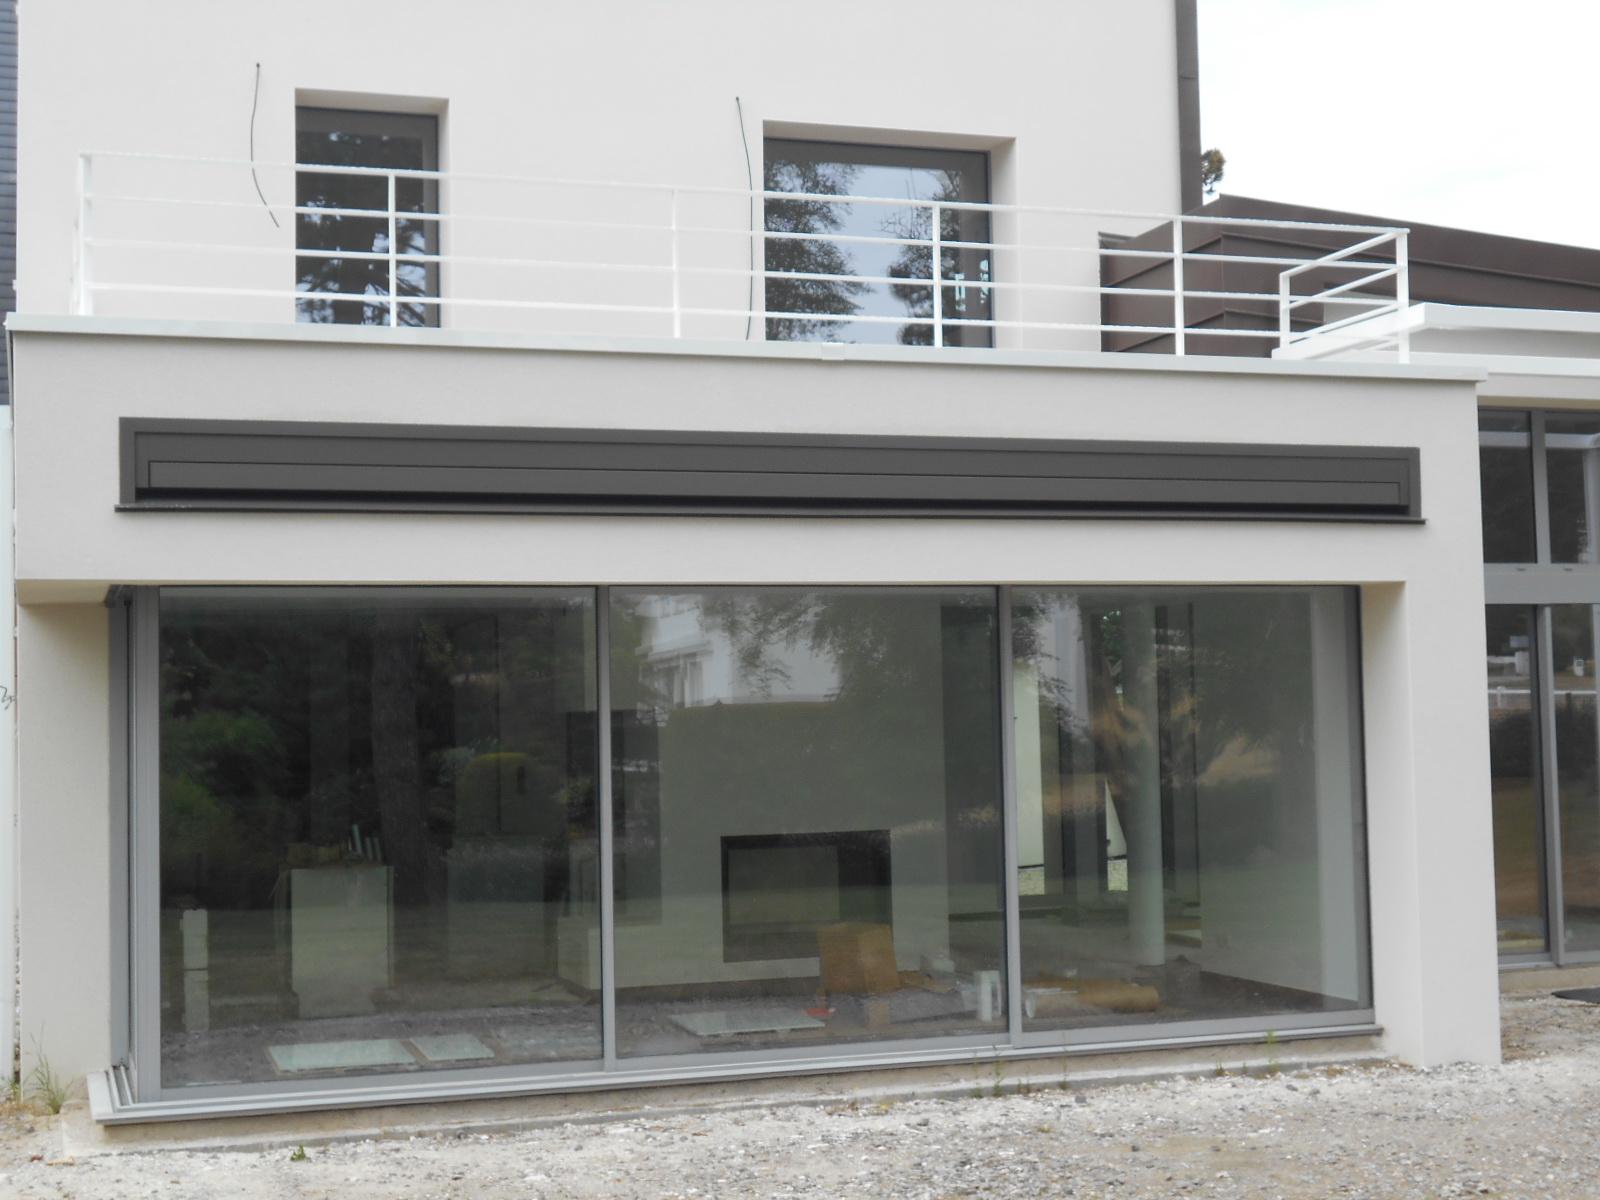 Pose de STORE BANNE motorisé intégré dans la façade SOMFY / HAROL